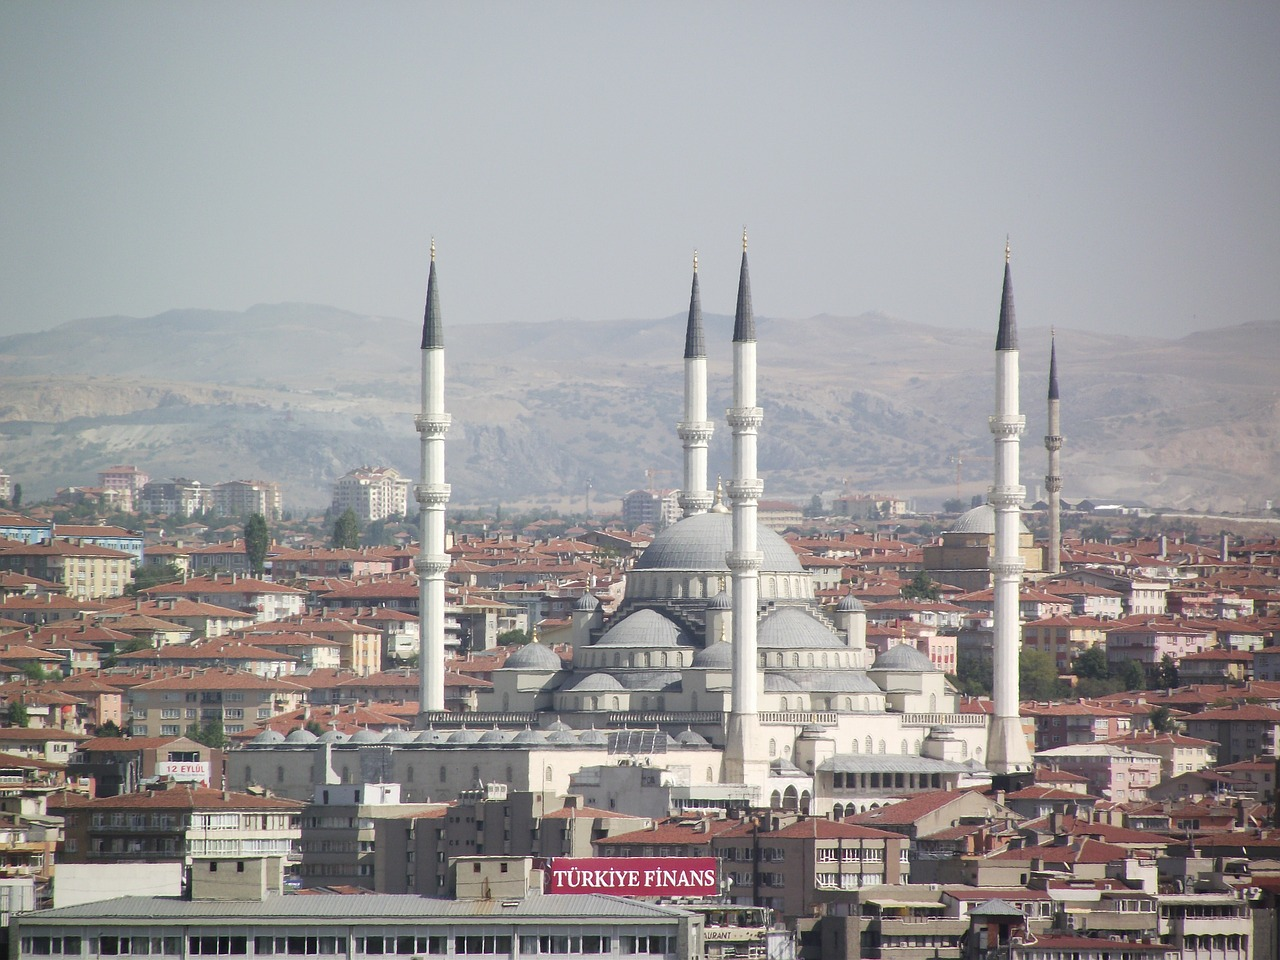 Rosja zawiesza loty do Turcji. Powód? Oficjalnie: covid-19, nieoficjalnie: Ukraina